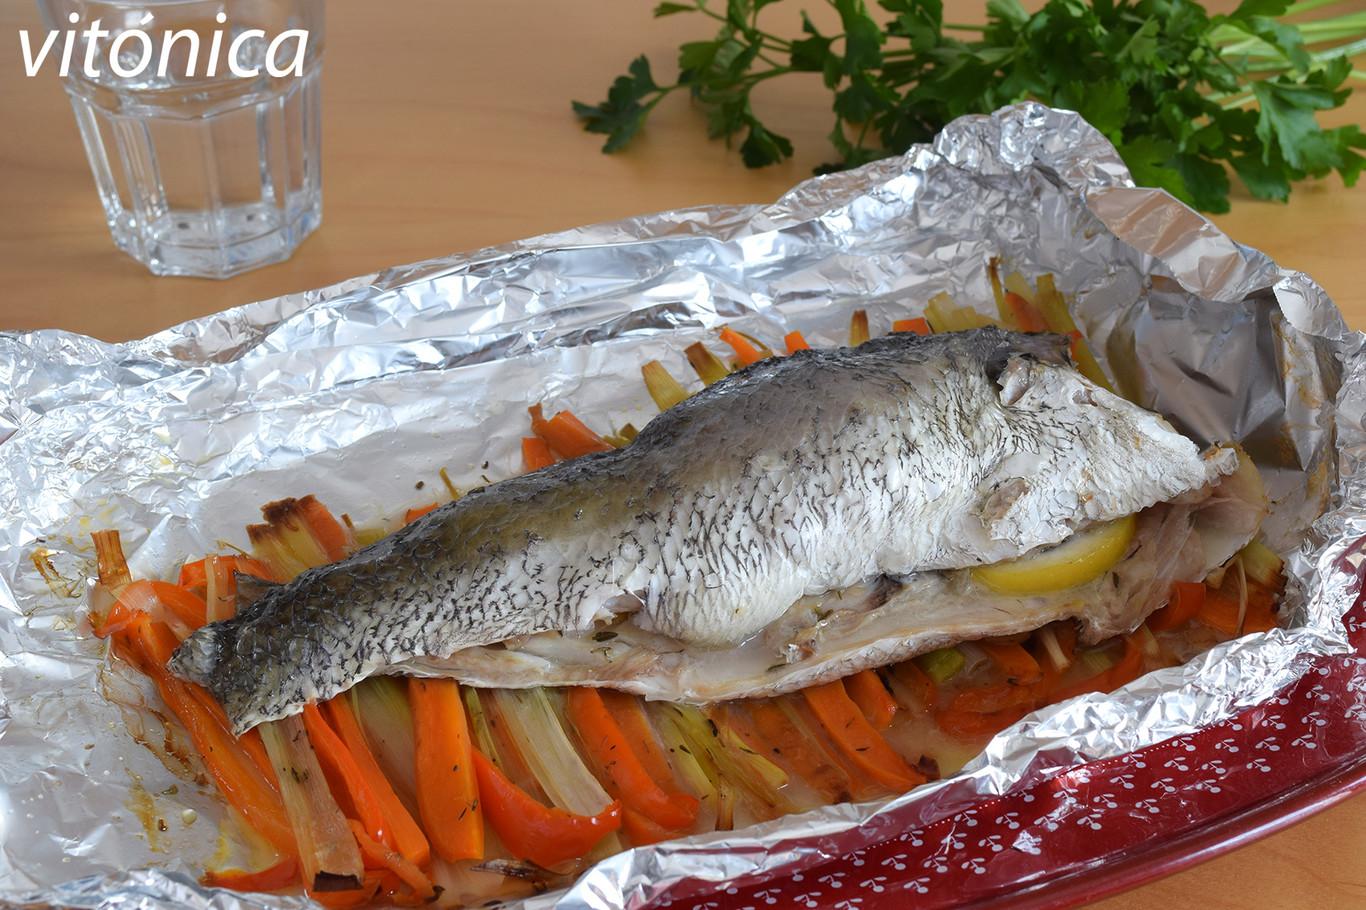 Corvina O Pescado Al Papillote Receta De Cocina Fácil Sencilla Y Deliciosa